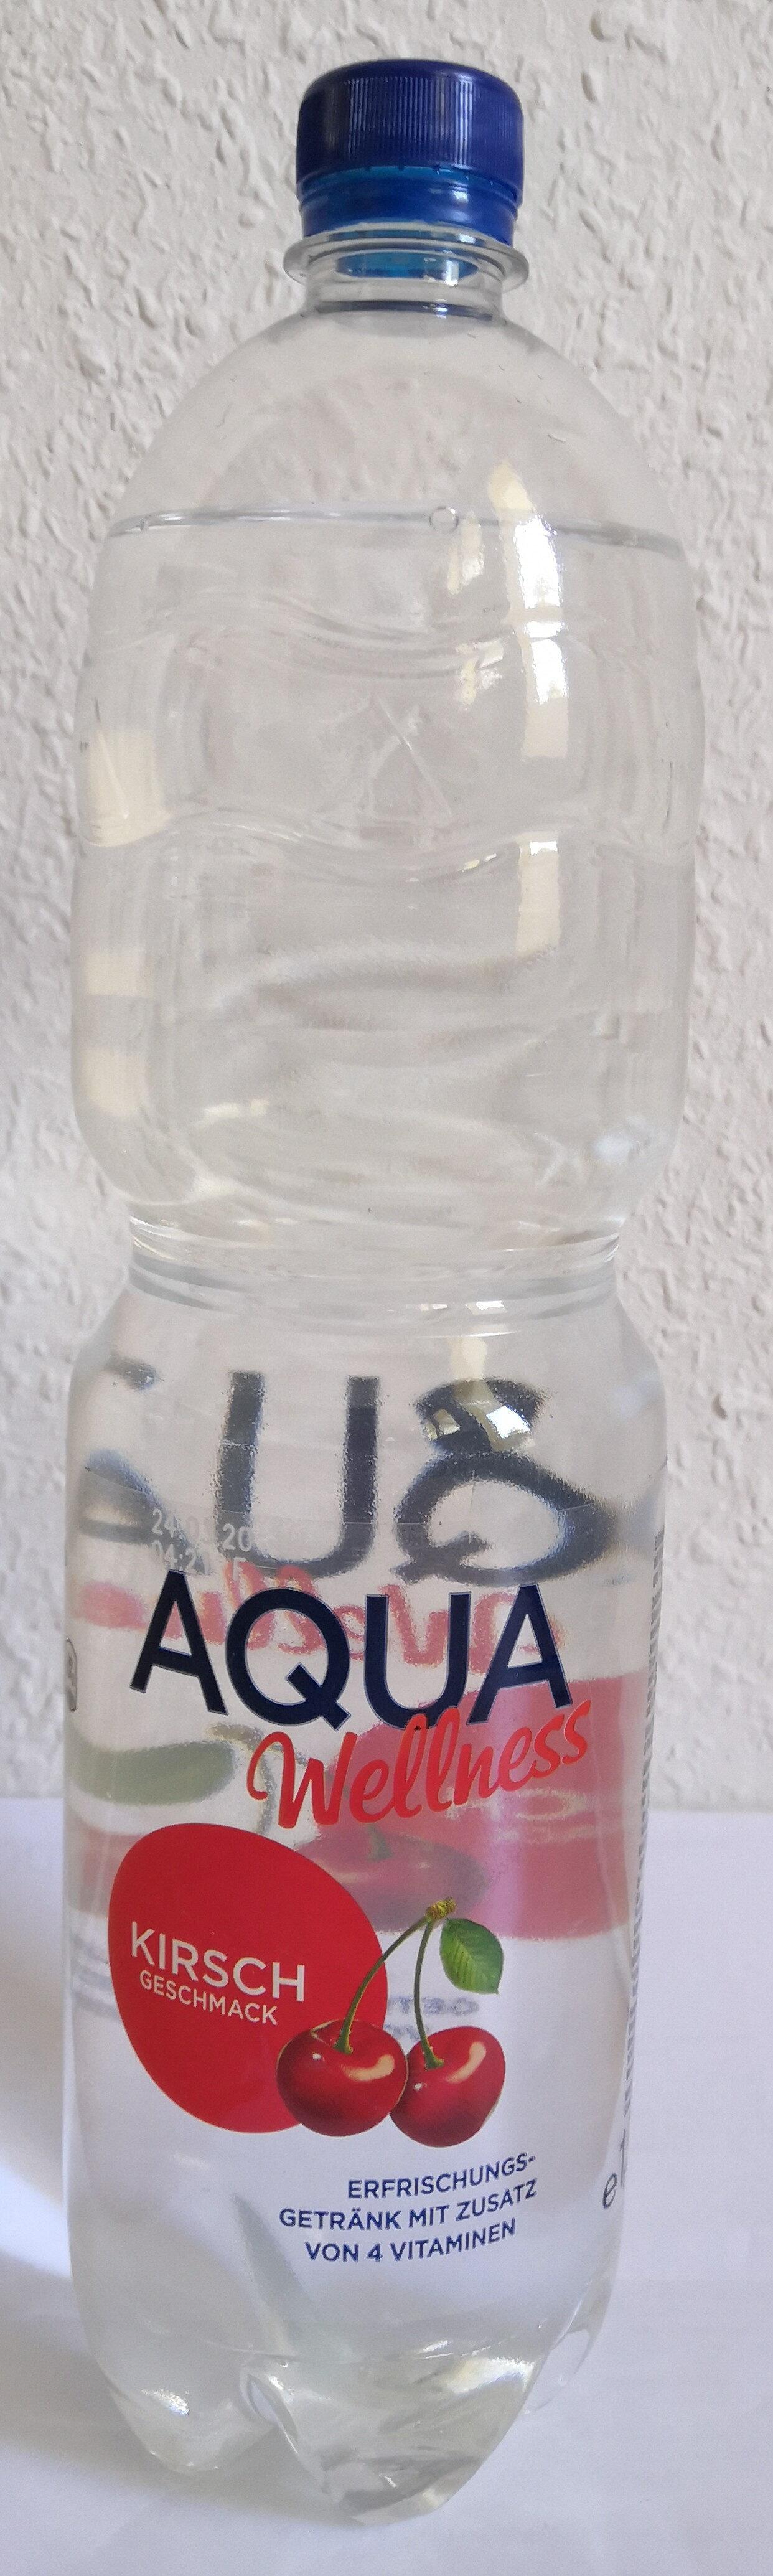 AQUA Wellness Kirsch - Prodotto - de